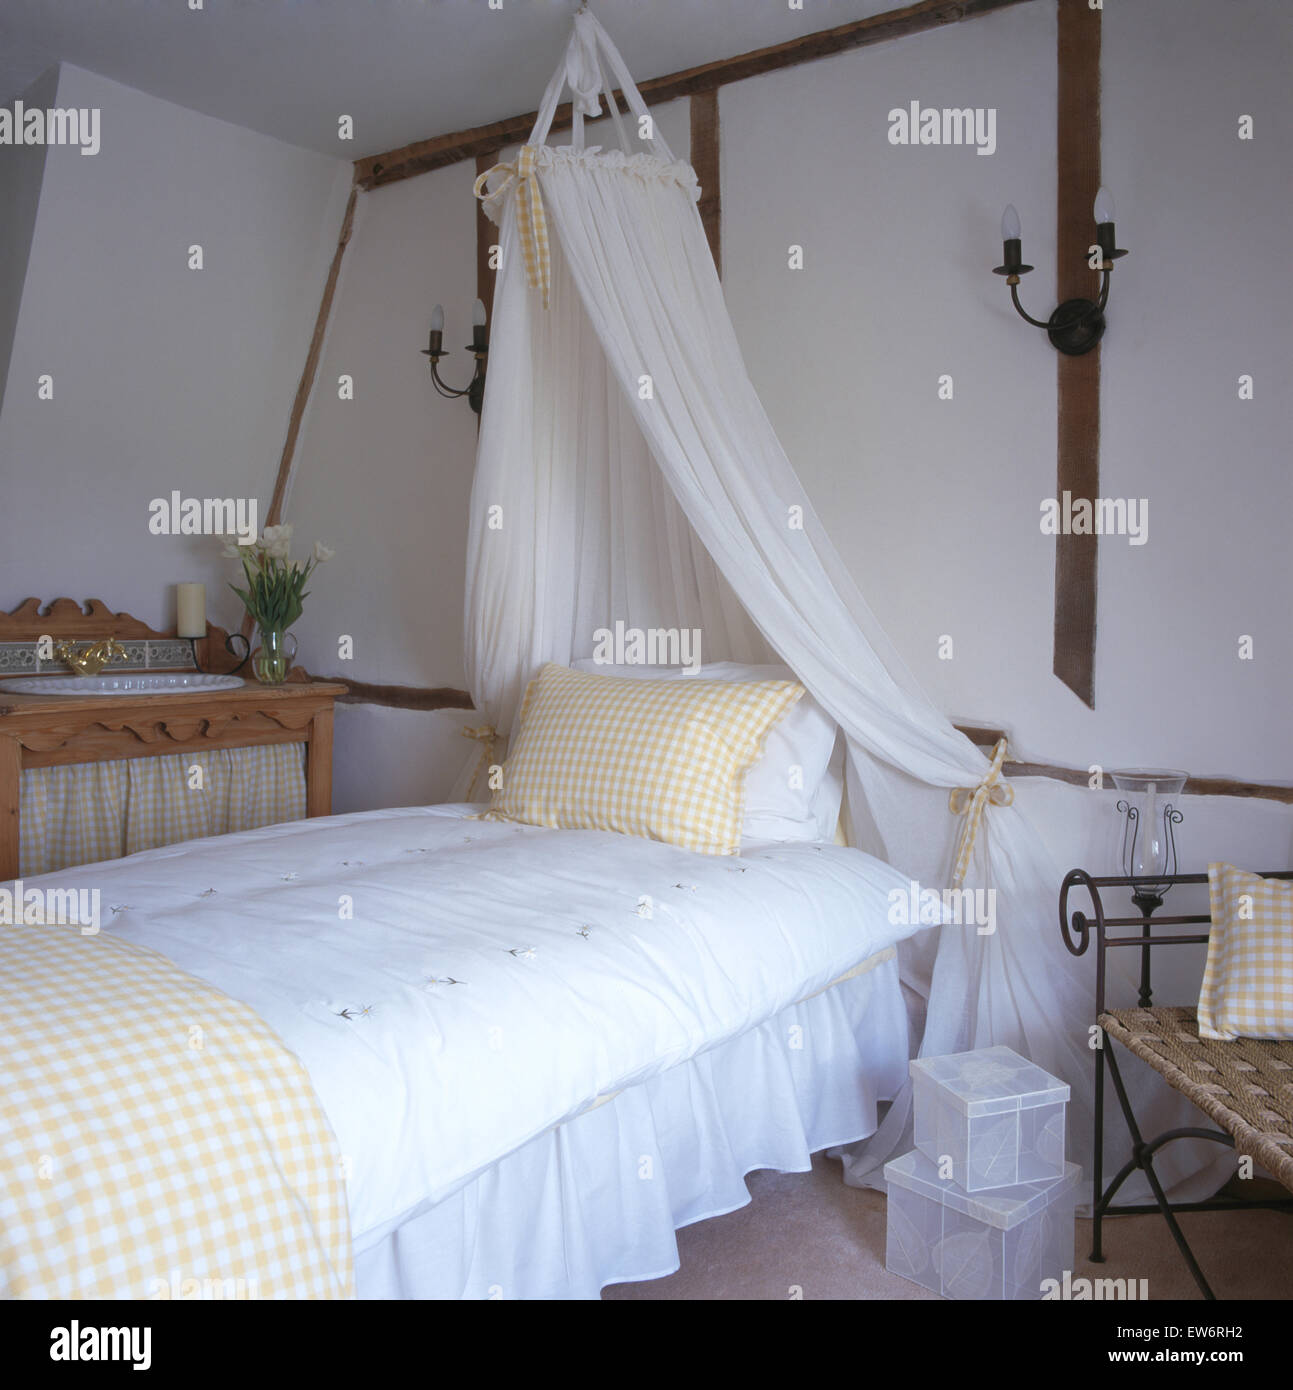 https www alamyimages fr photo image coronet avec voile blanc rideaux au dessus de lit avec couette blanche dans 90 chambres cottage 84358094 html